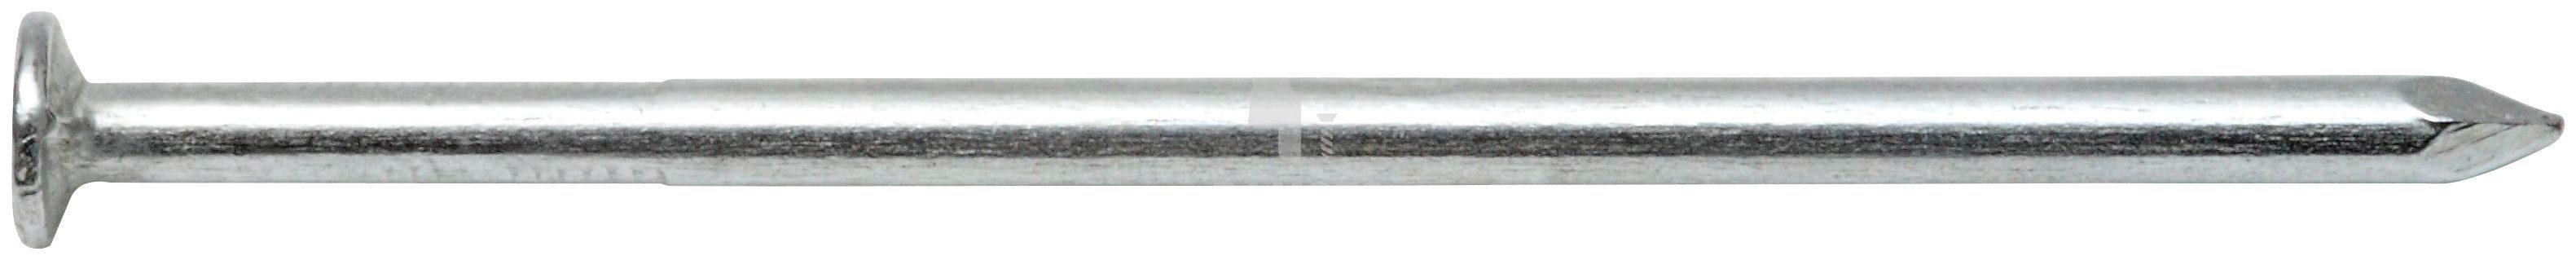 RAMSES Nagel , Senkkopf DIN 1151 2,2 x 55 mm Stahl verzinkt, 2,5 kg